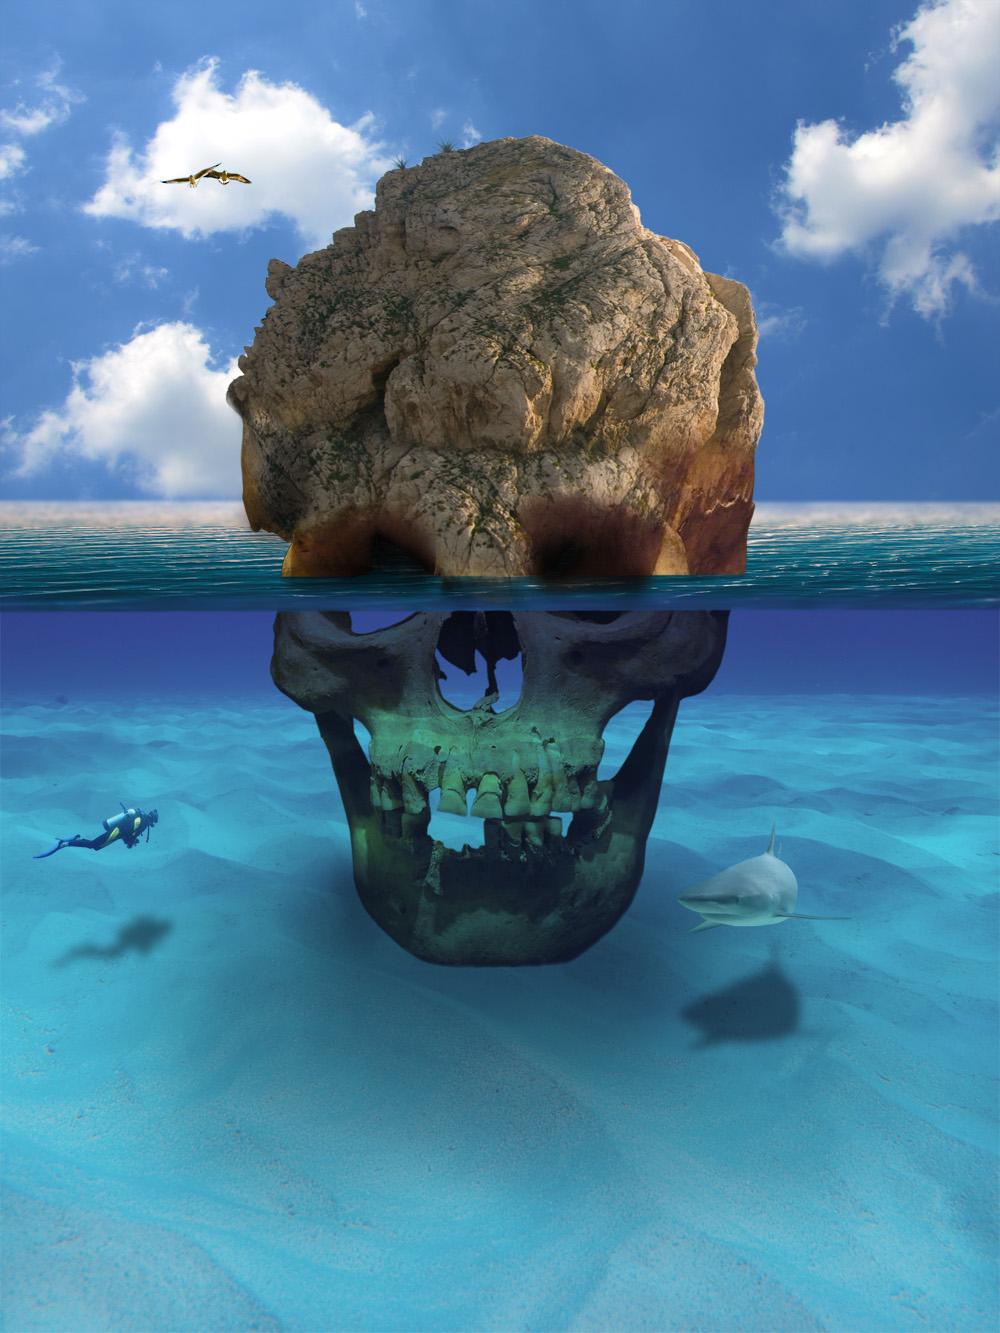 Photoshop Design by orionnebula